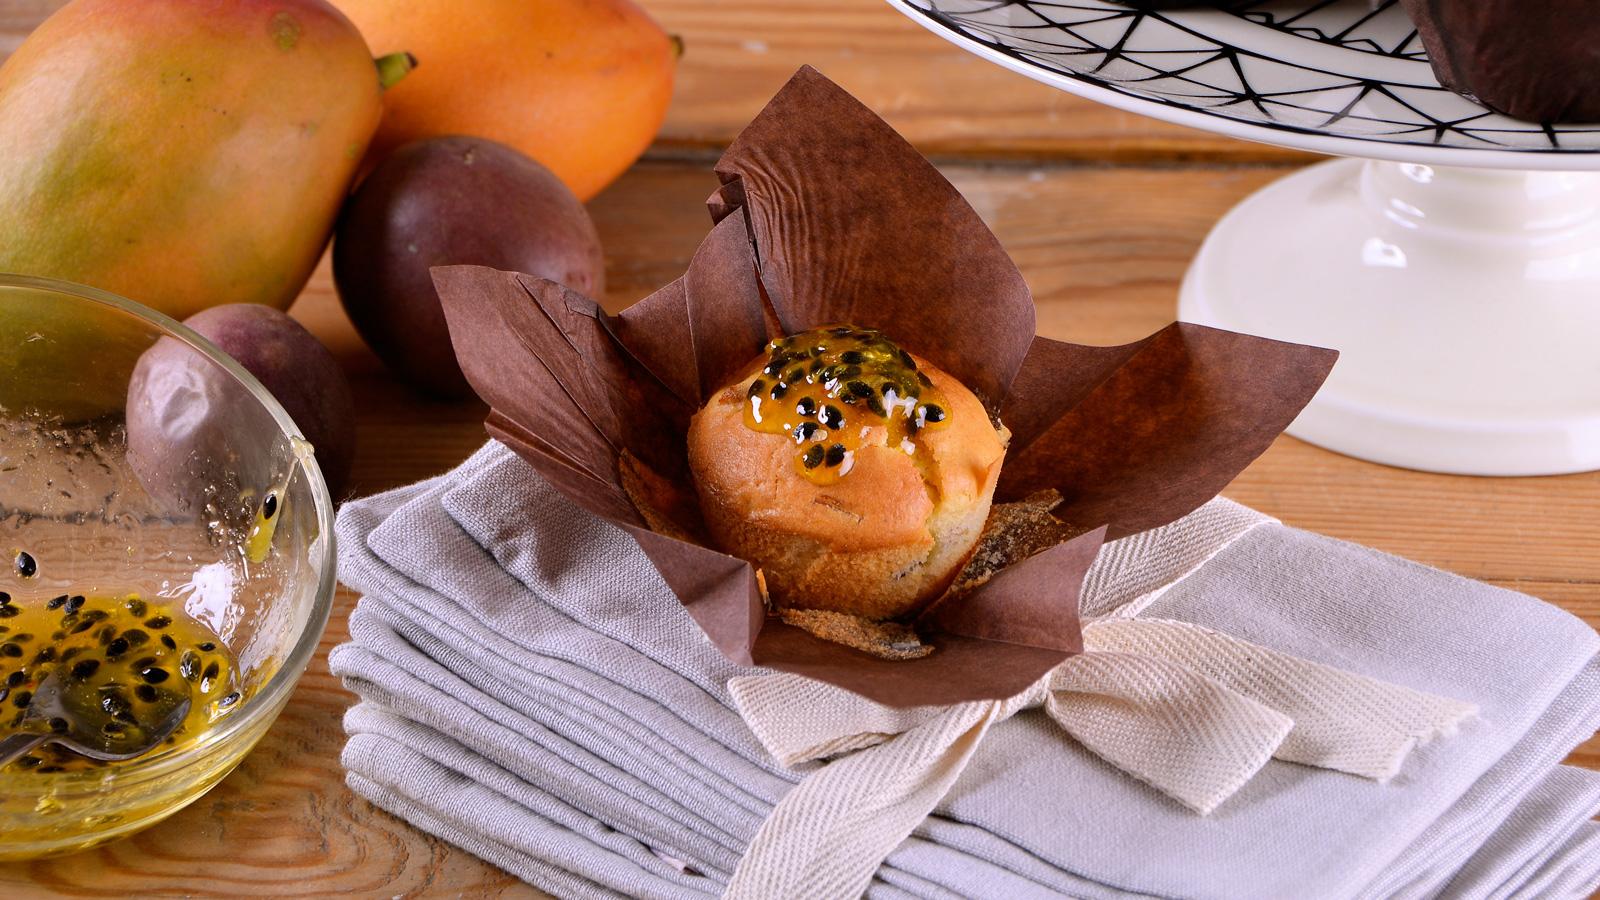 Muffins de pl tano mango y fruta de la pasi n alma for Canal cocina alma obregon